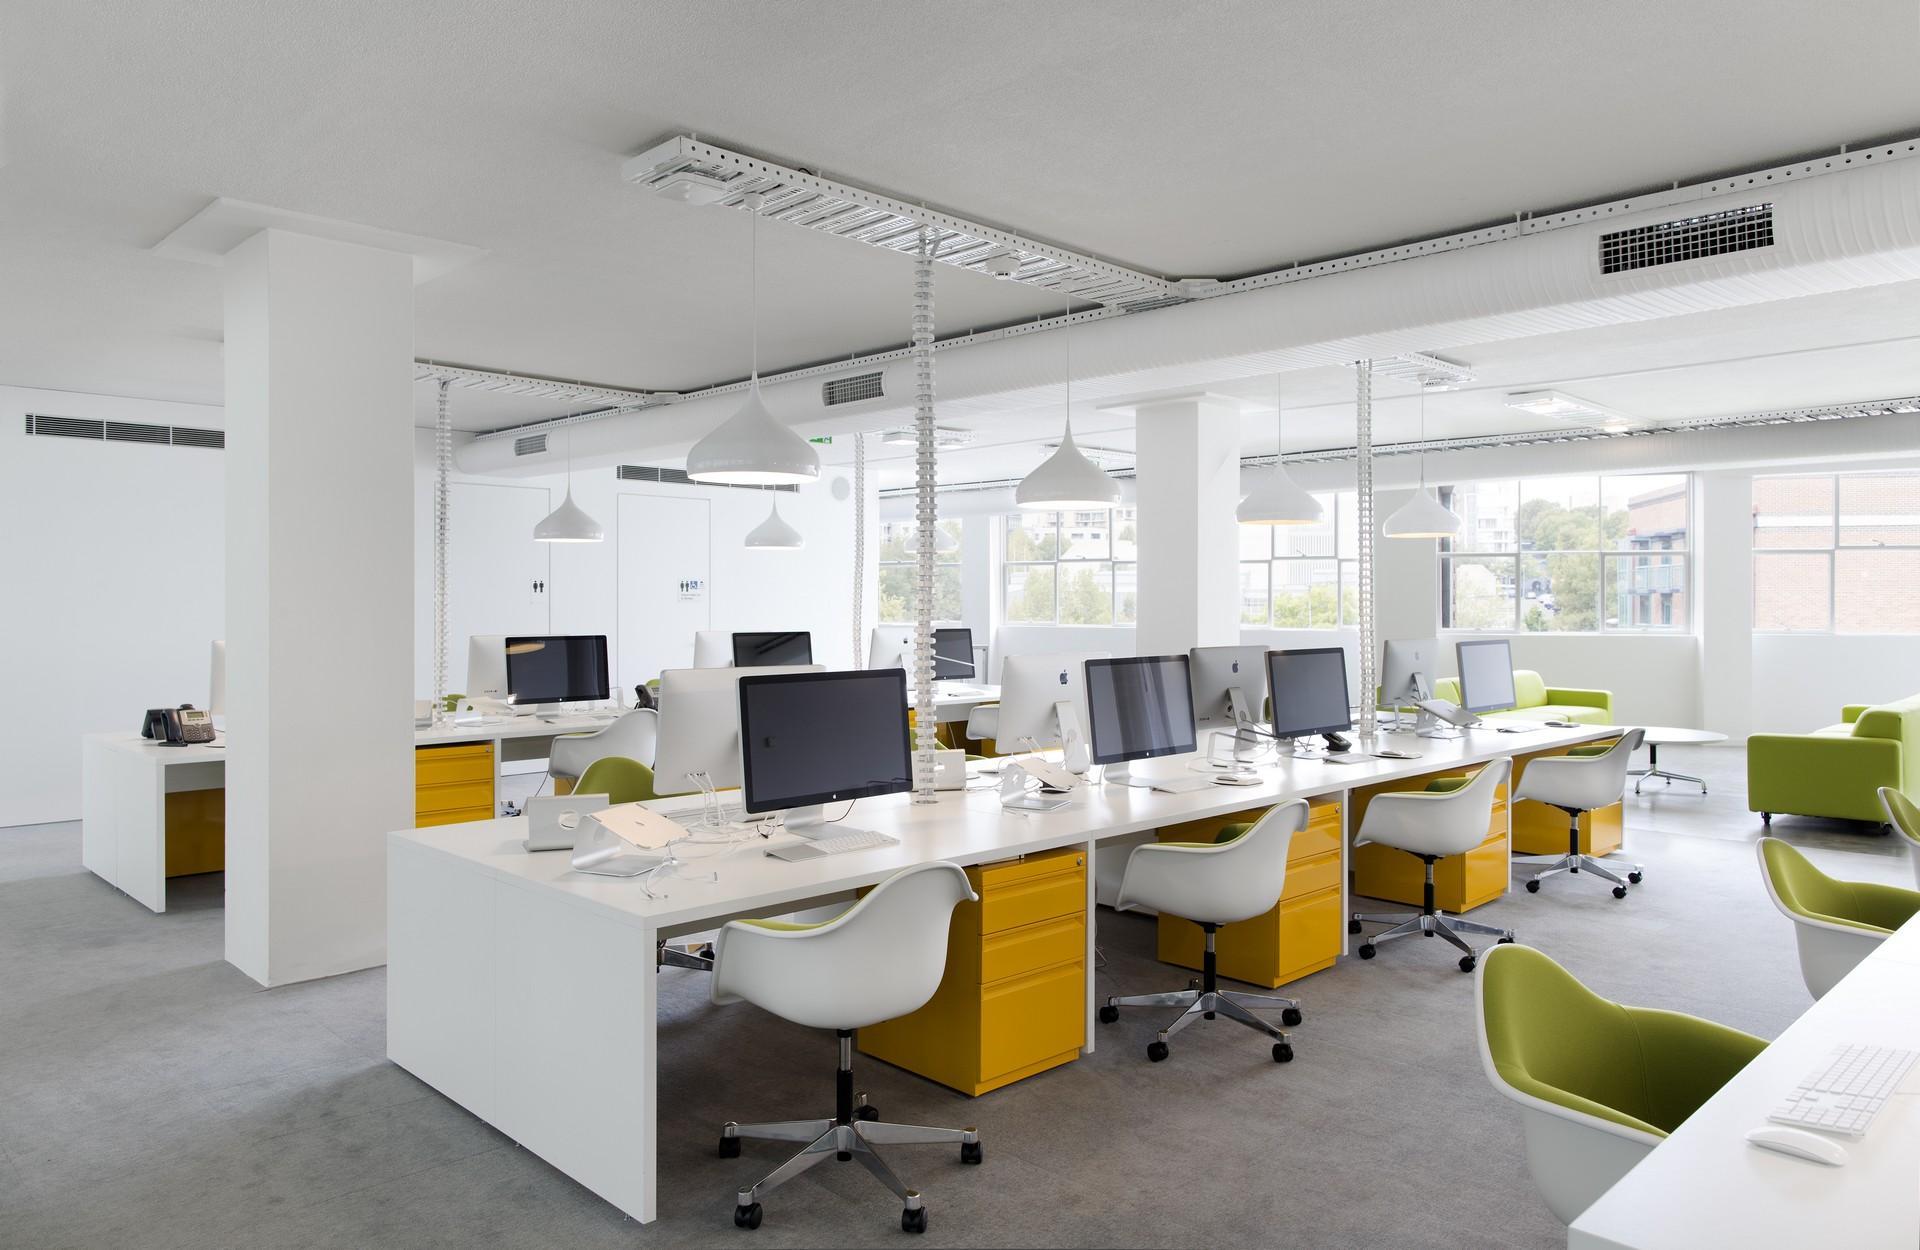 Chuyên cung cấp nội thất văn phòng Bắc Giang giá rẻ